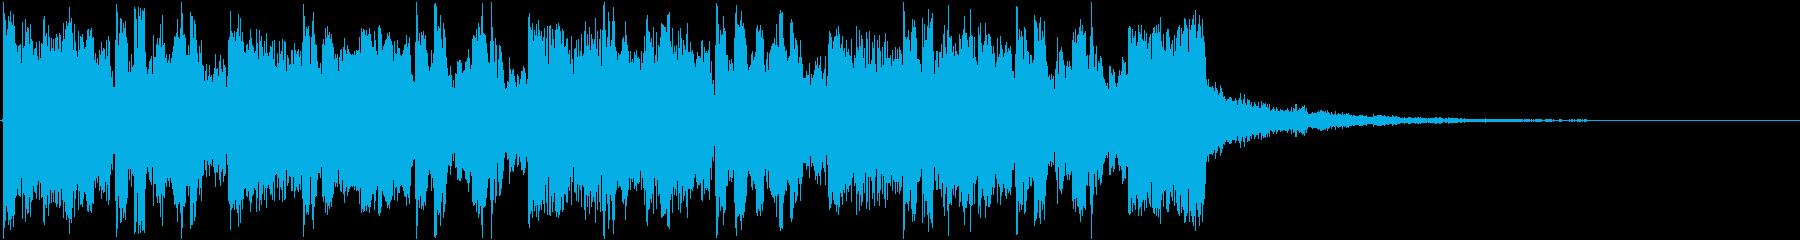 ジングル/フューチャー/かわいいの再生済みの波形